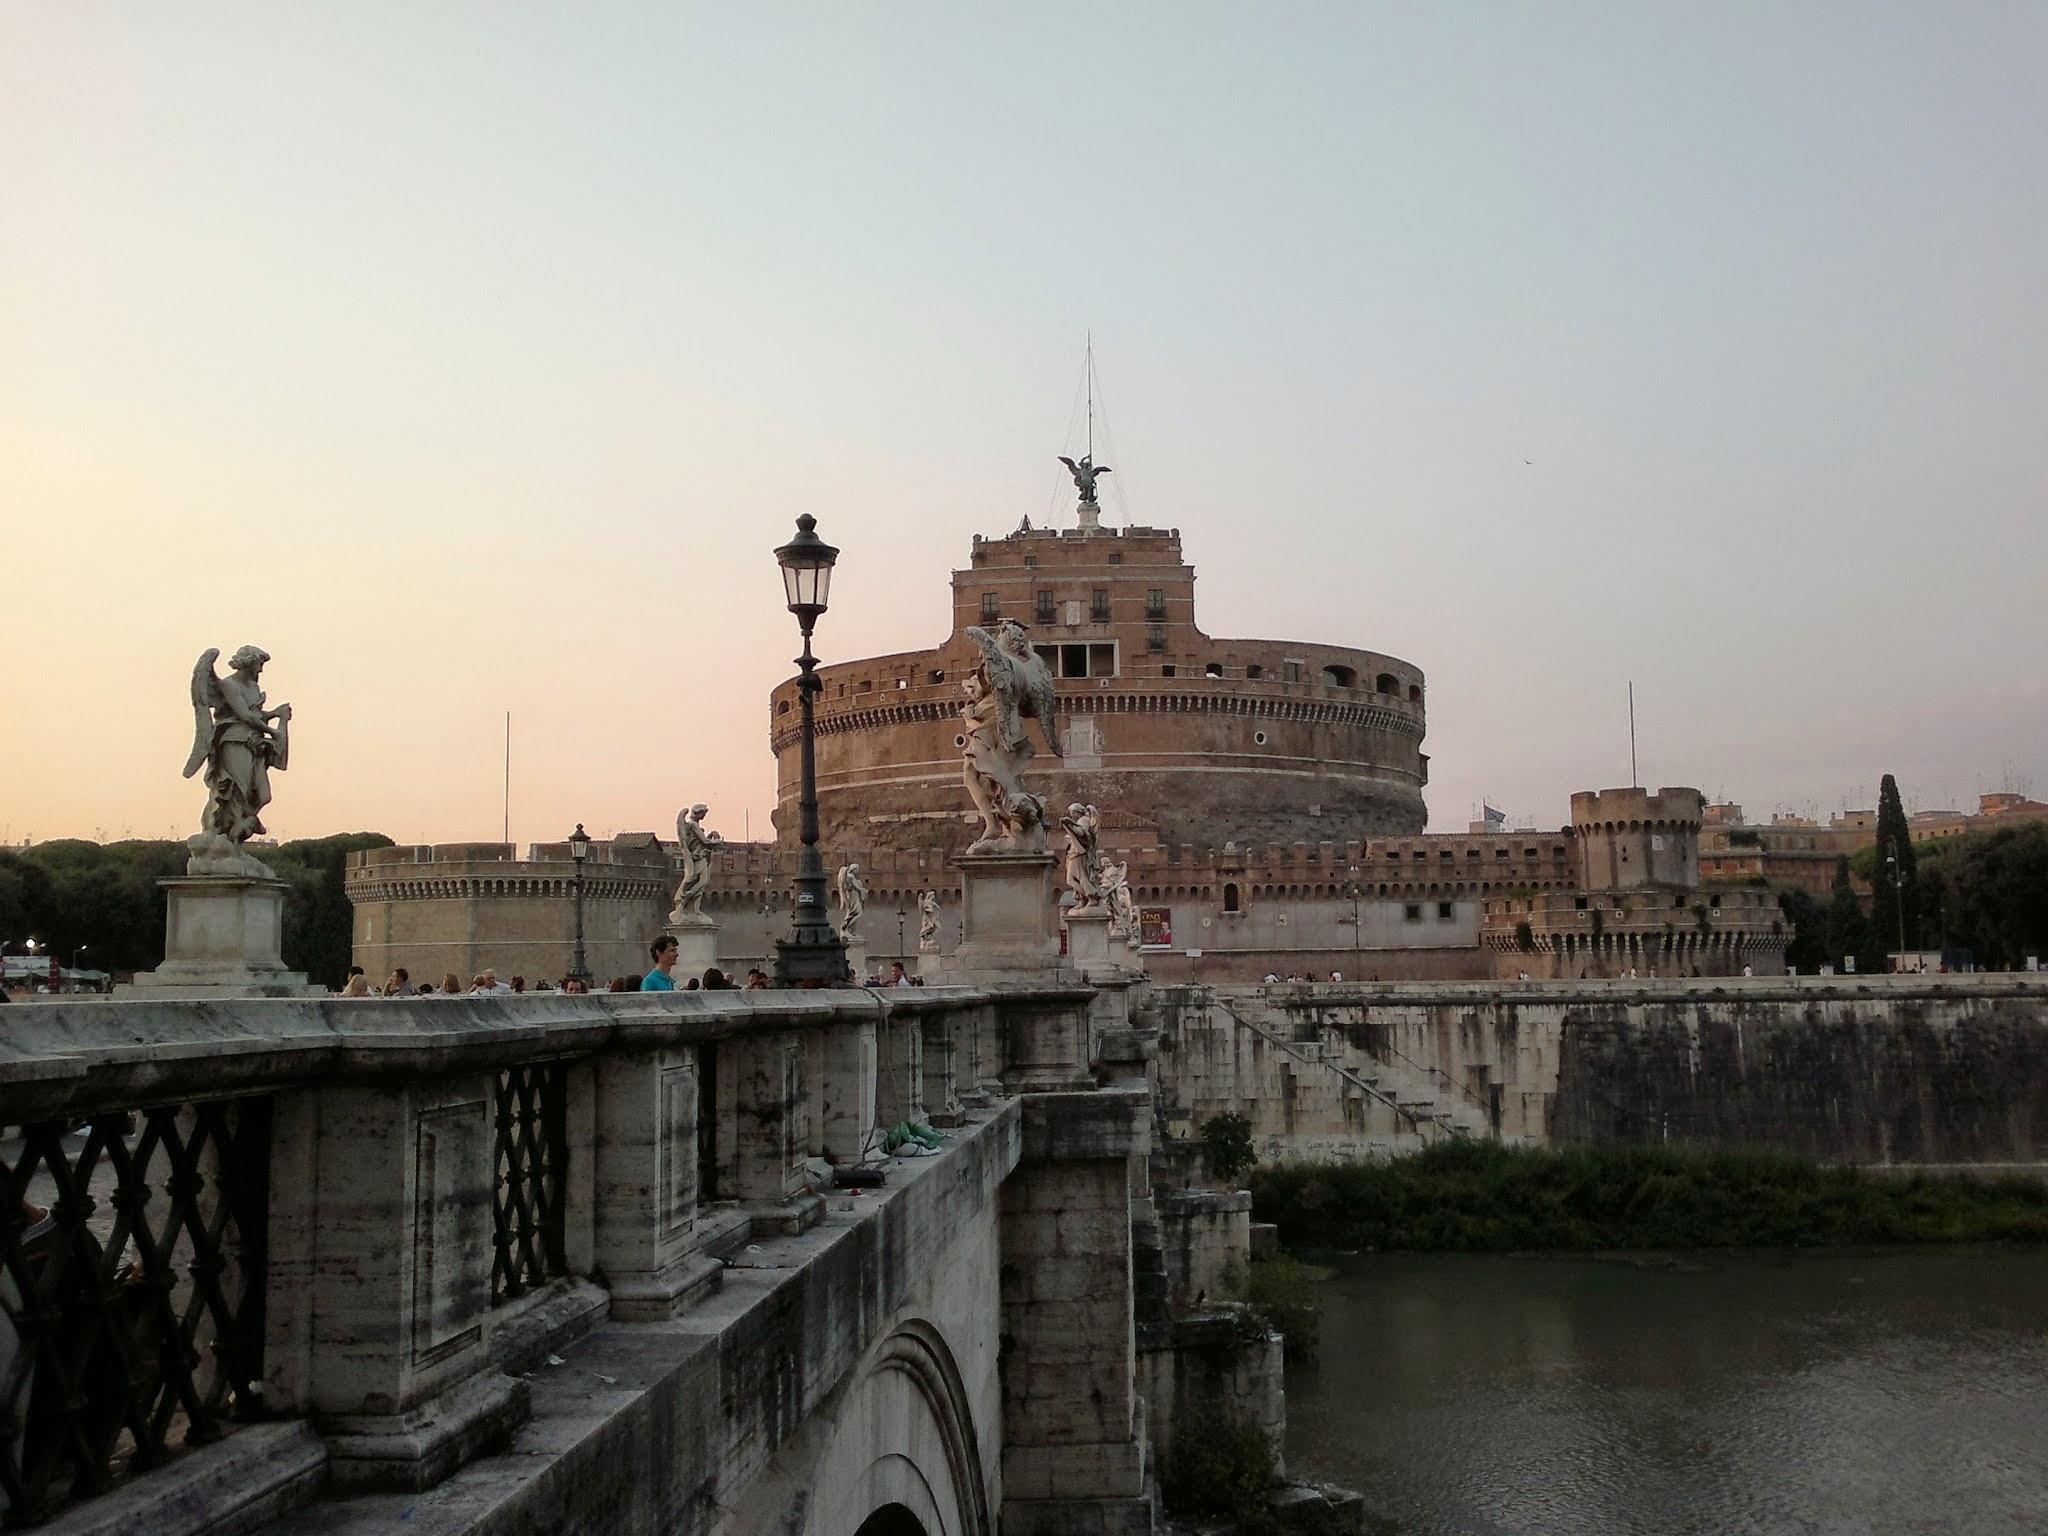 Castel Sant'Angelo Rome river bridge angels ancient Roman building sunset